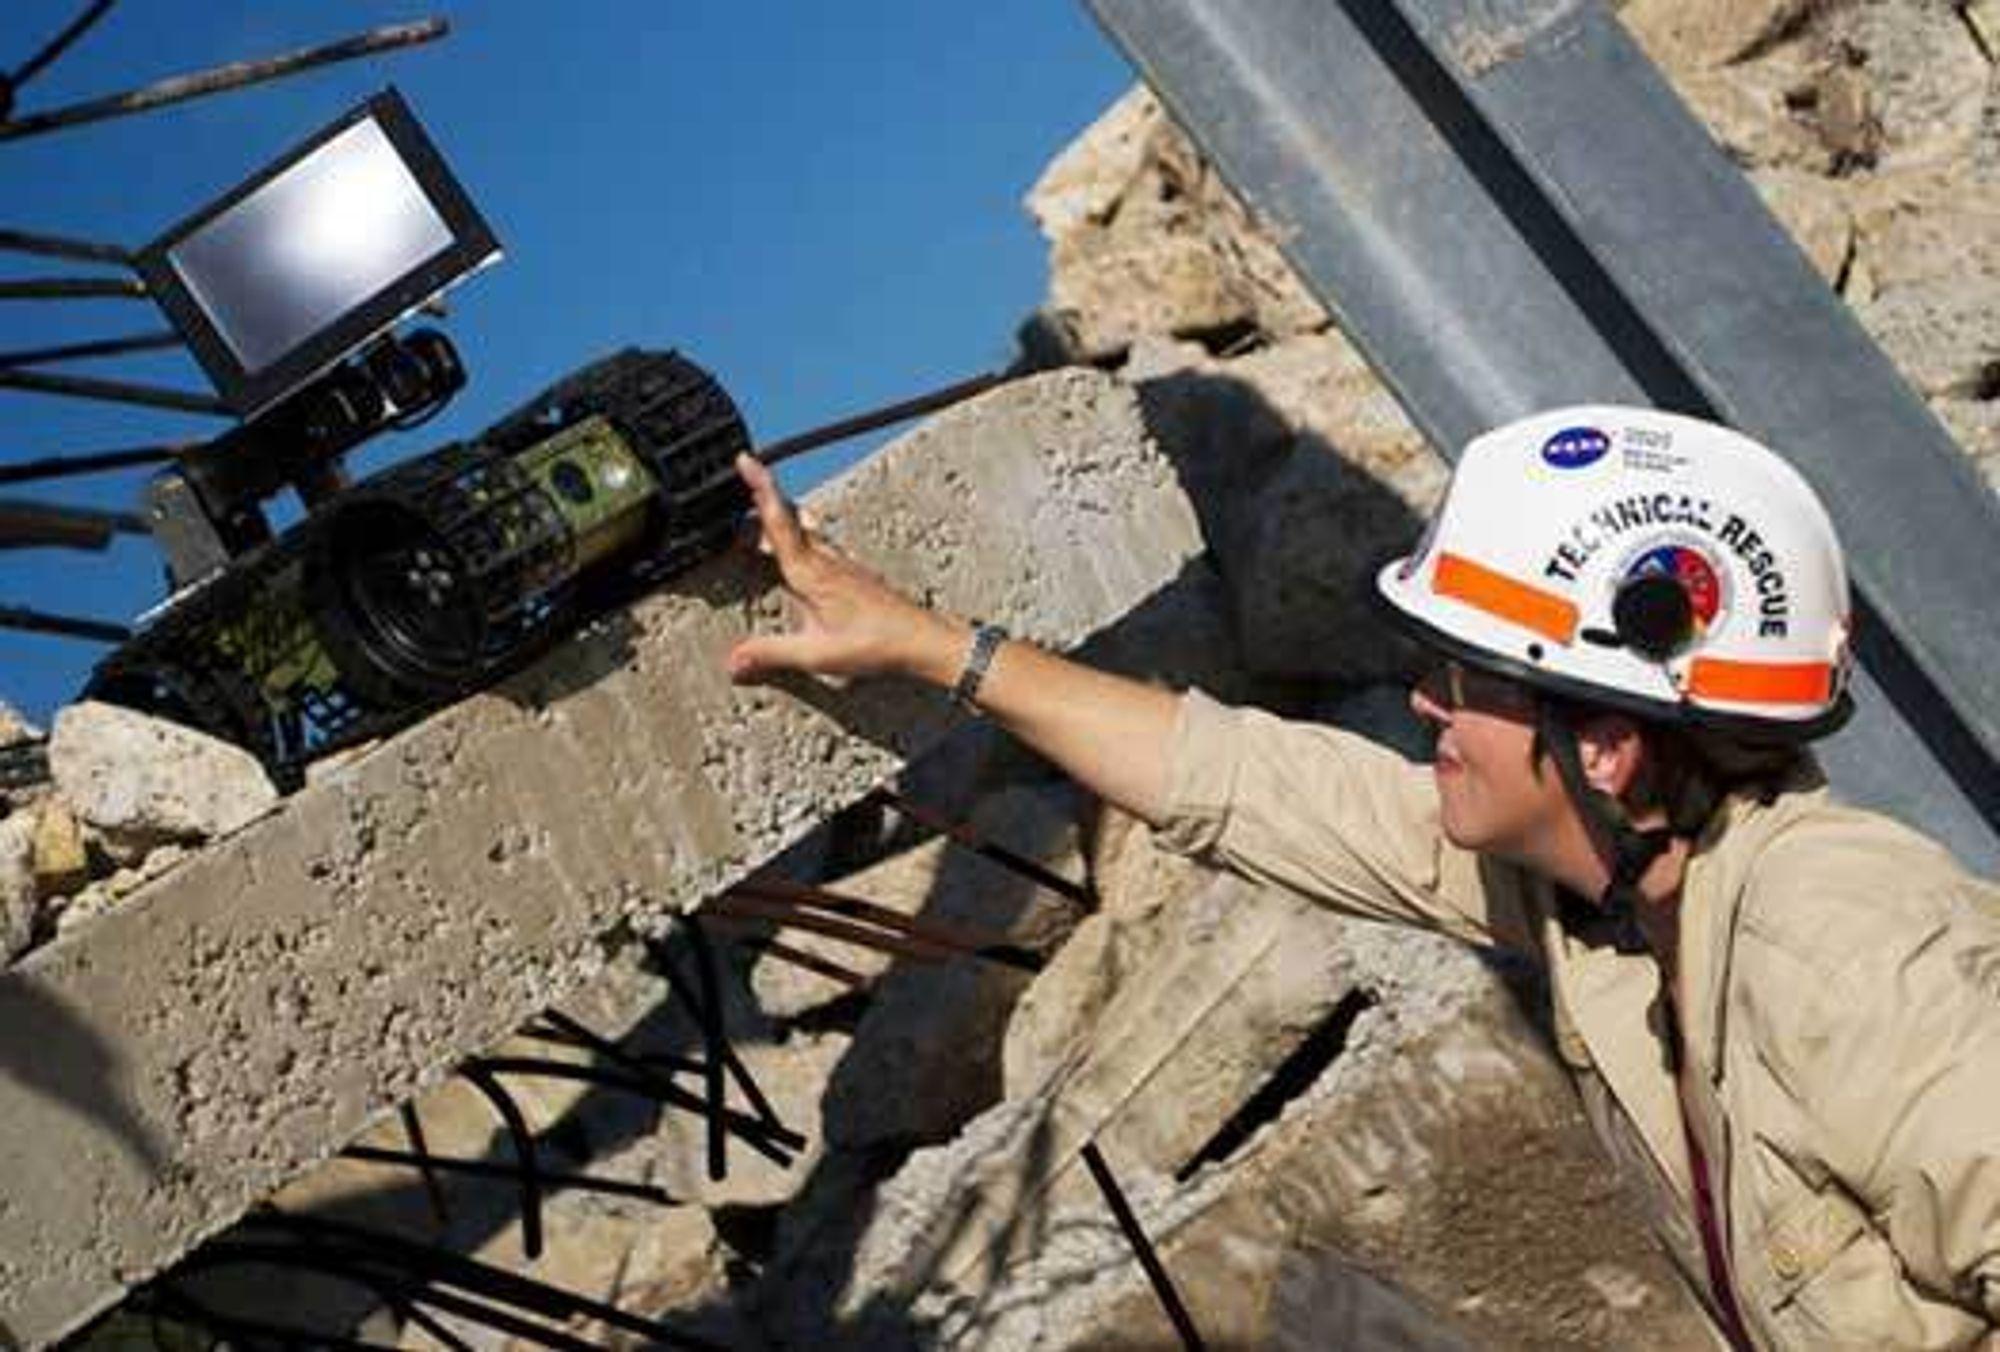 Robin Murphy er direktør ved senteret for robot-assistert søk og redning (CRASAR) ved Texas A&M University